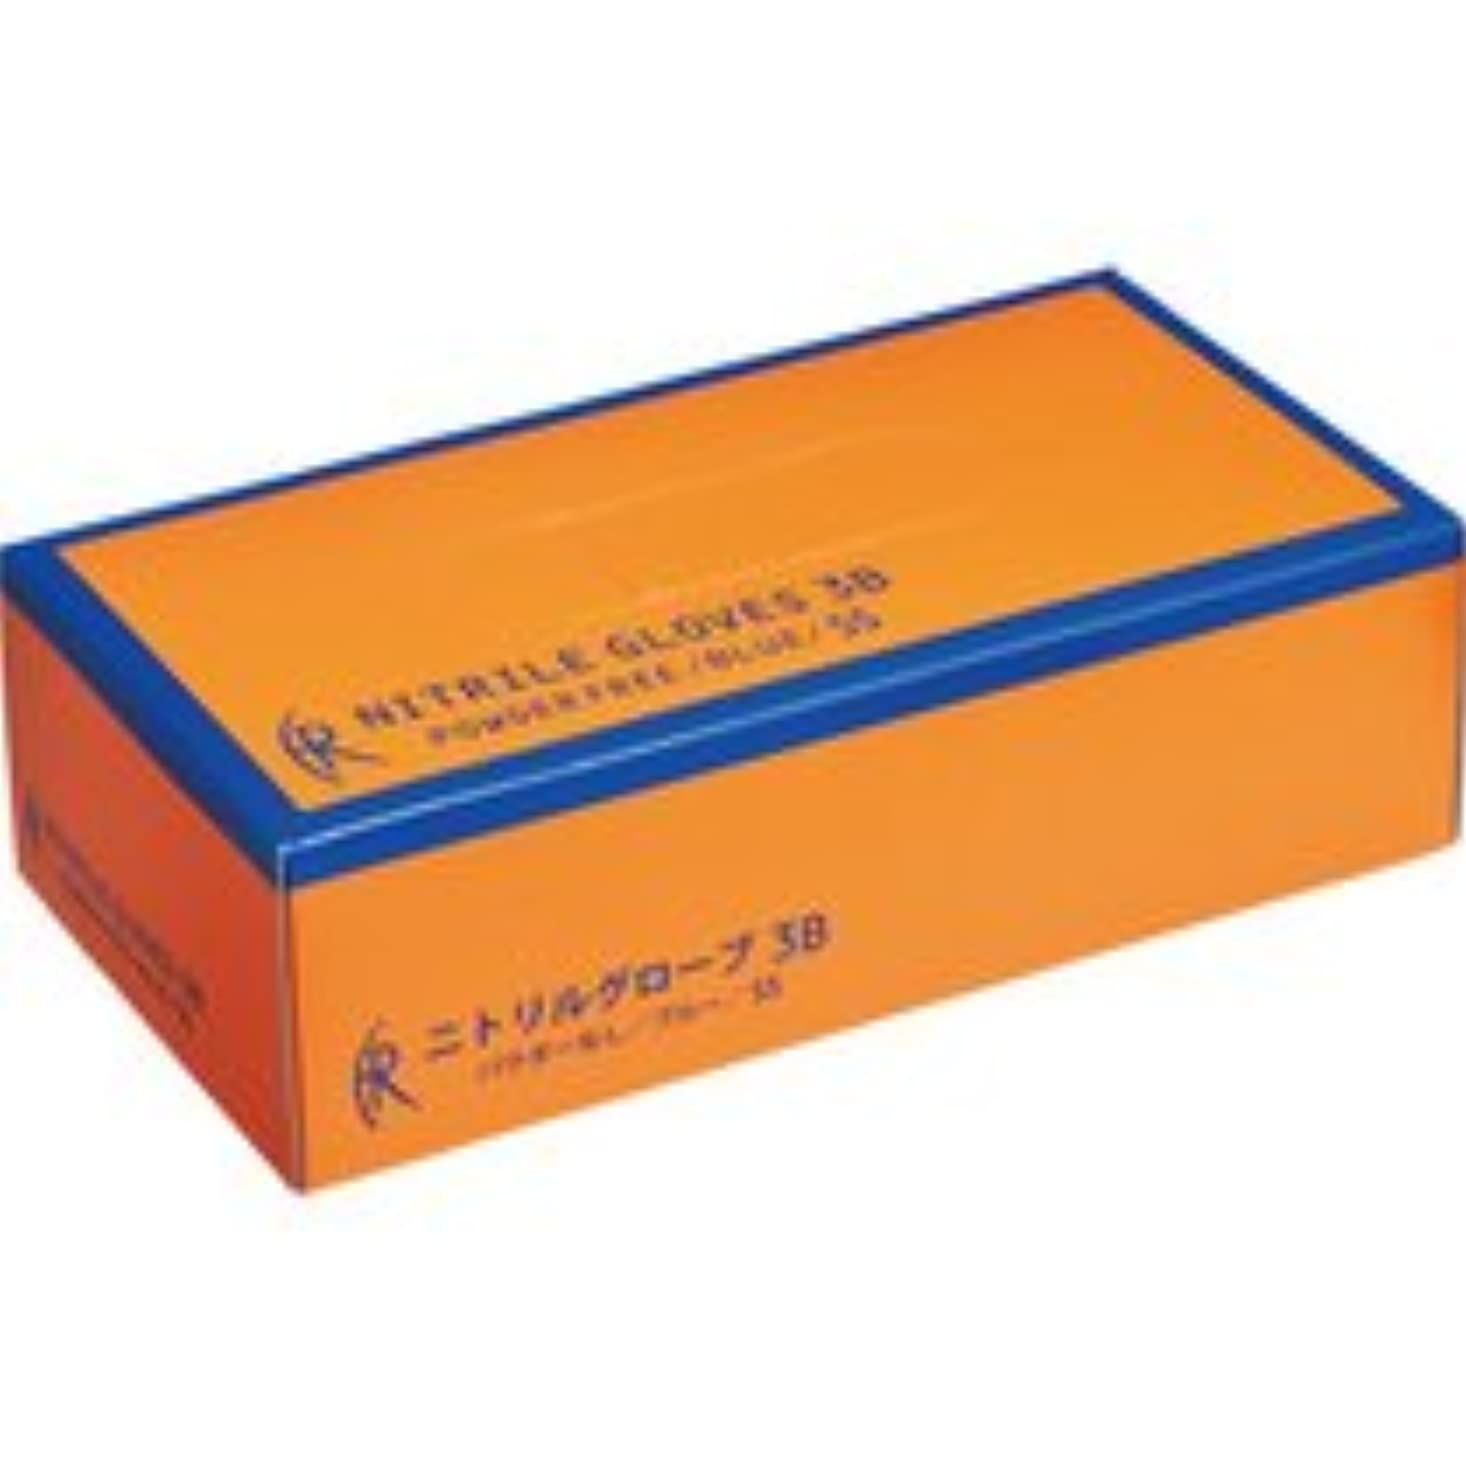 大使ささいな感謝祭ファーストレイト ニトリルグローブ3B パウダーフリー SS FR-5660 1セット(2000枚:200枚×10箱)